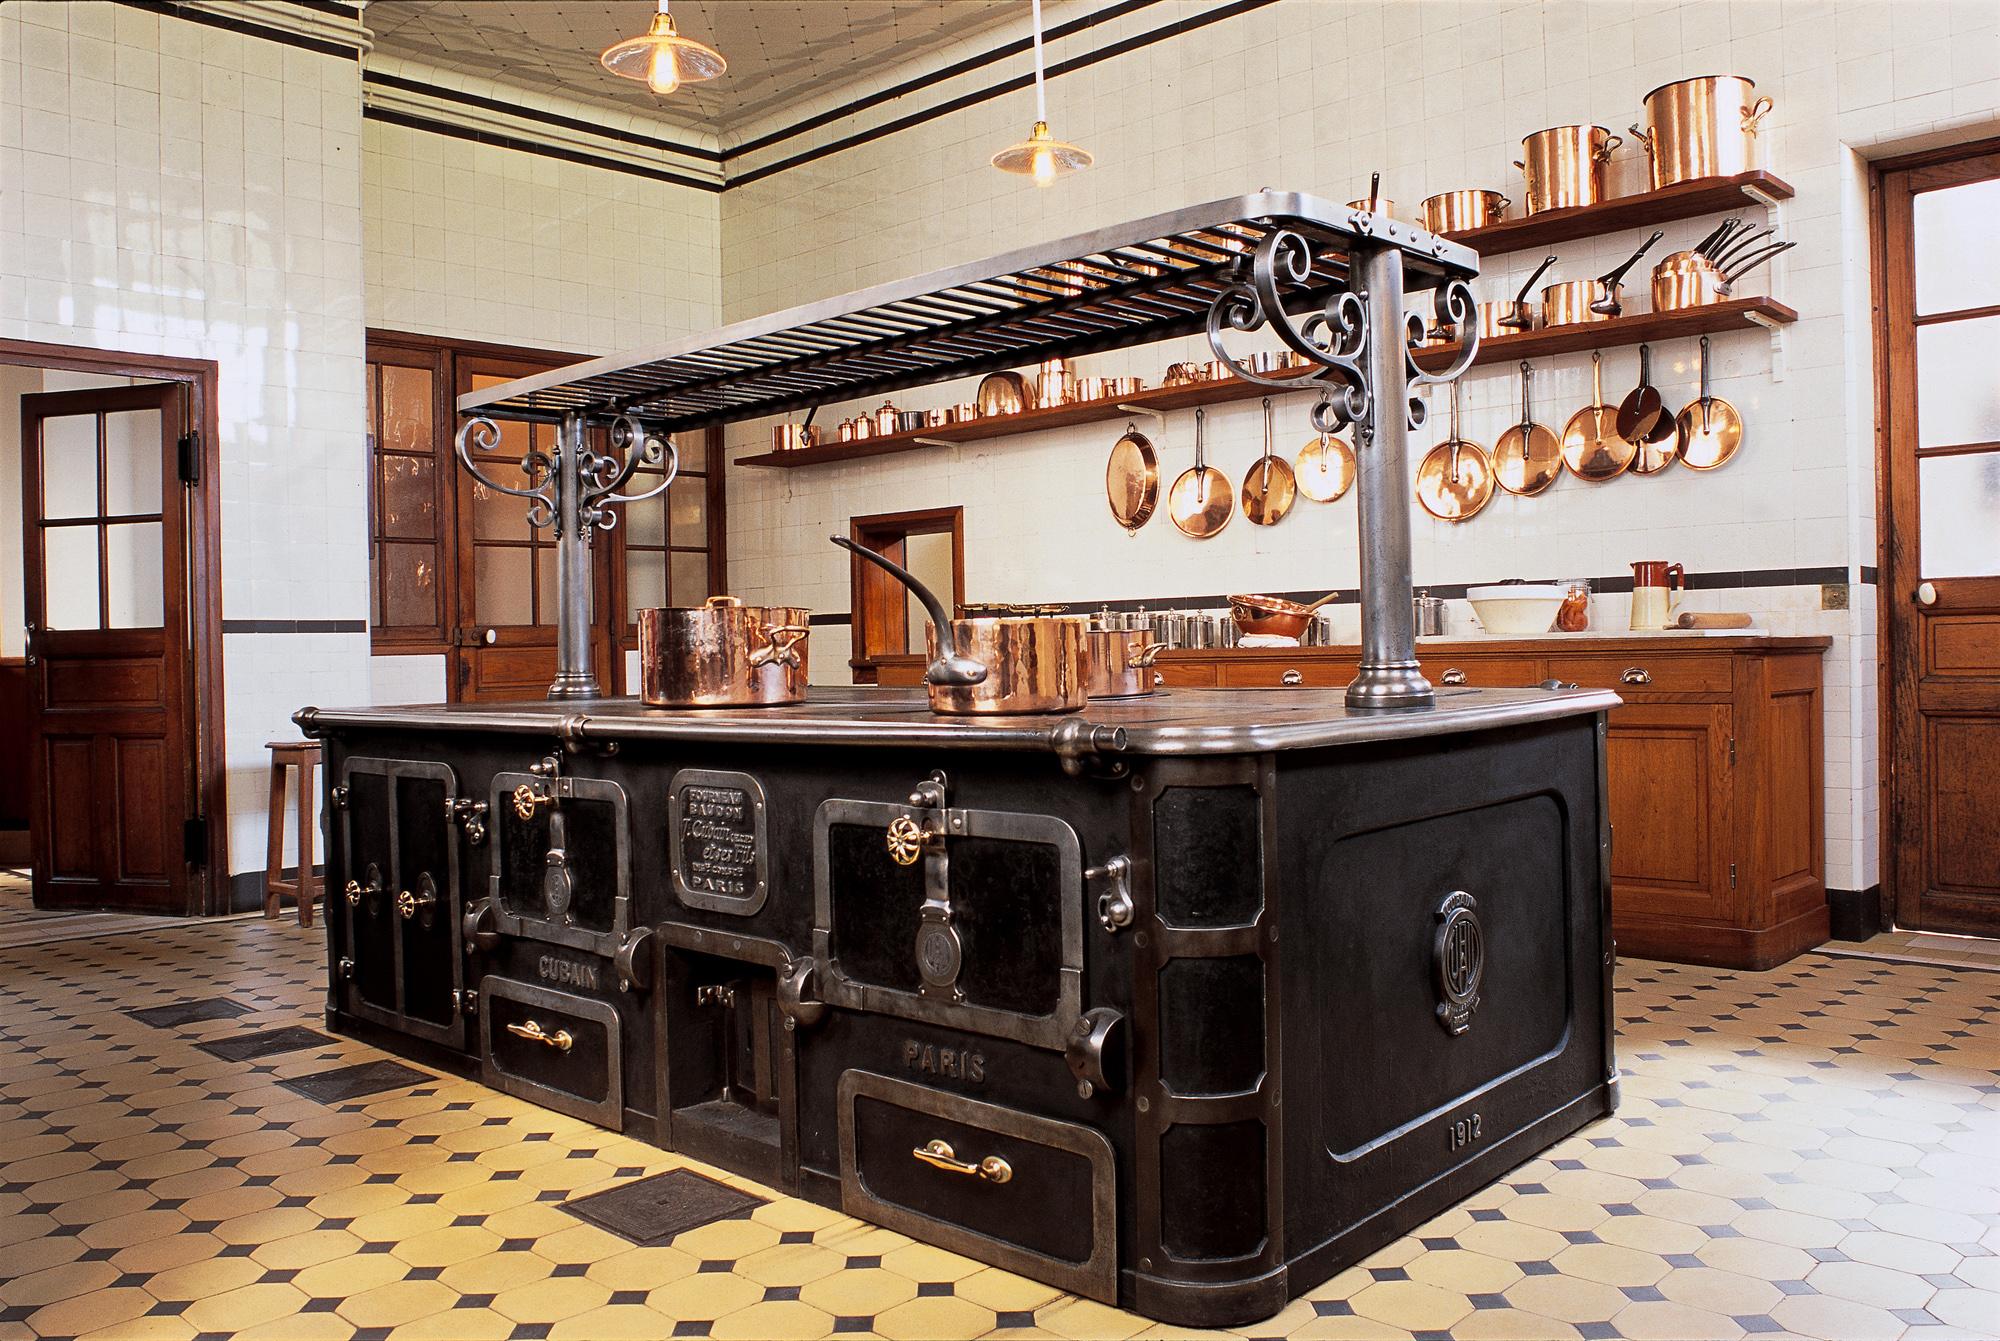 这里是主人曾经规划博物馆的地方。趁着主人不在,我们赶快瞥一眼他的厨房吧!